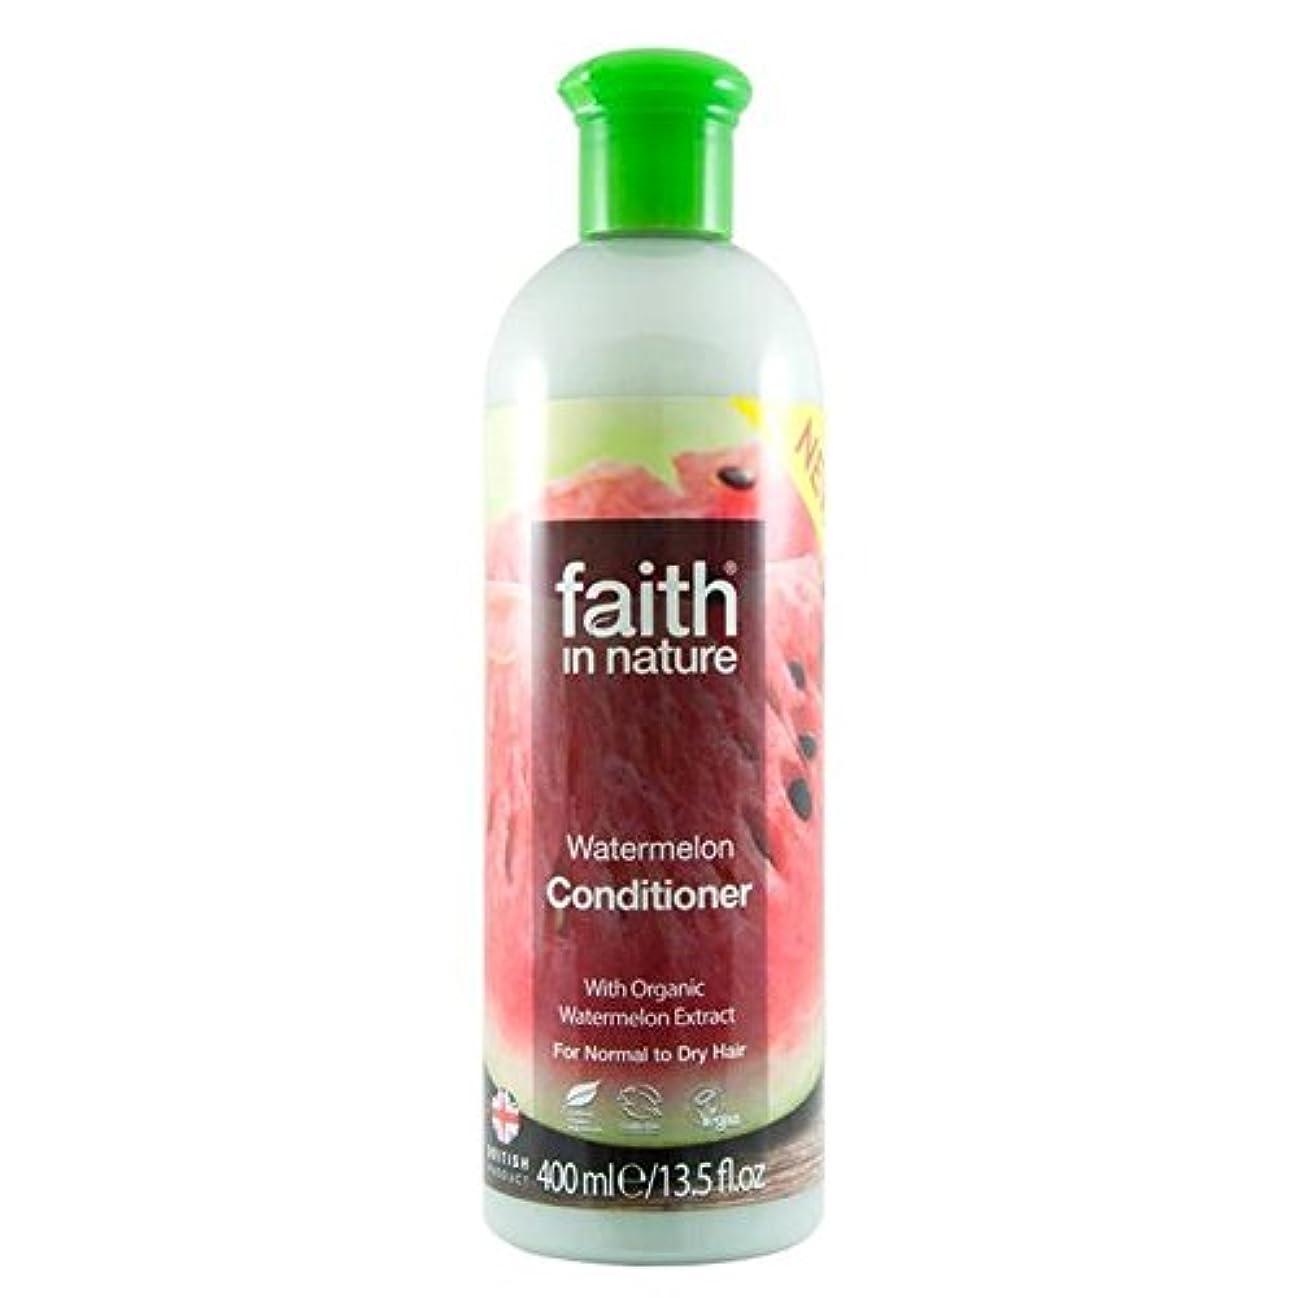 活気づく手術前文Faith in Nature Watermelon Conditioner 400ml (Pack of 2) - (Faith In Nature) 自然スイカコンディショナー400ミリリットルの信仰 (x2) [並行輸入品]